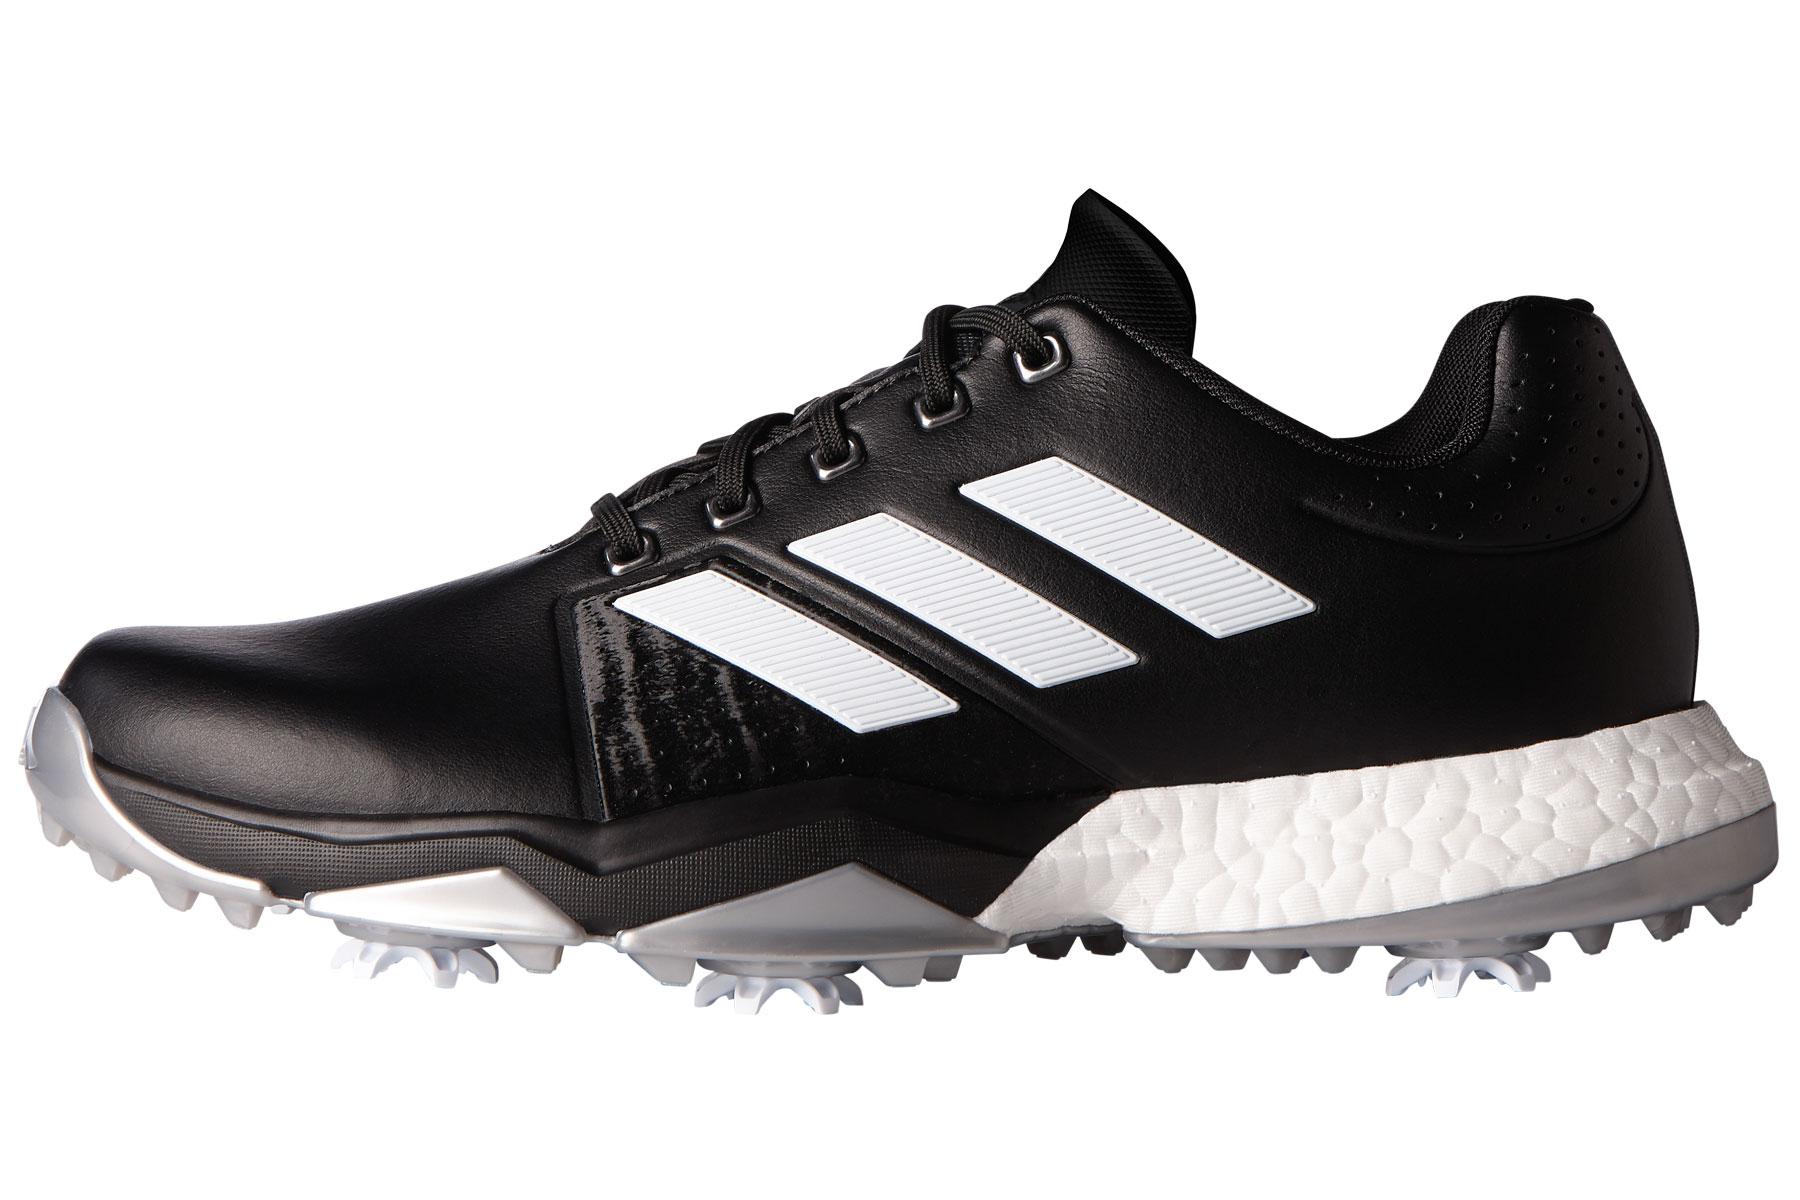 Adidas Adipower Shoes Uk